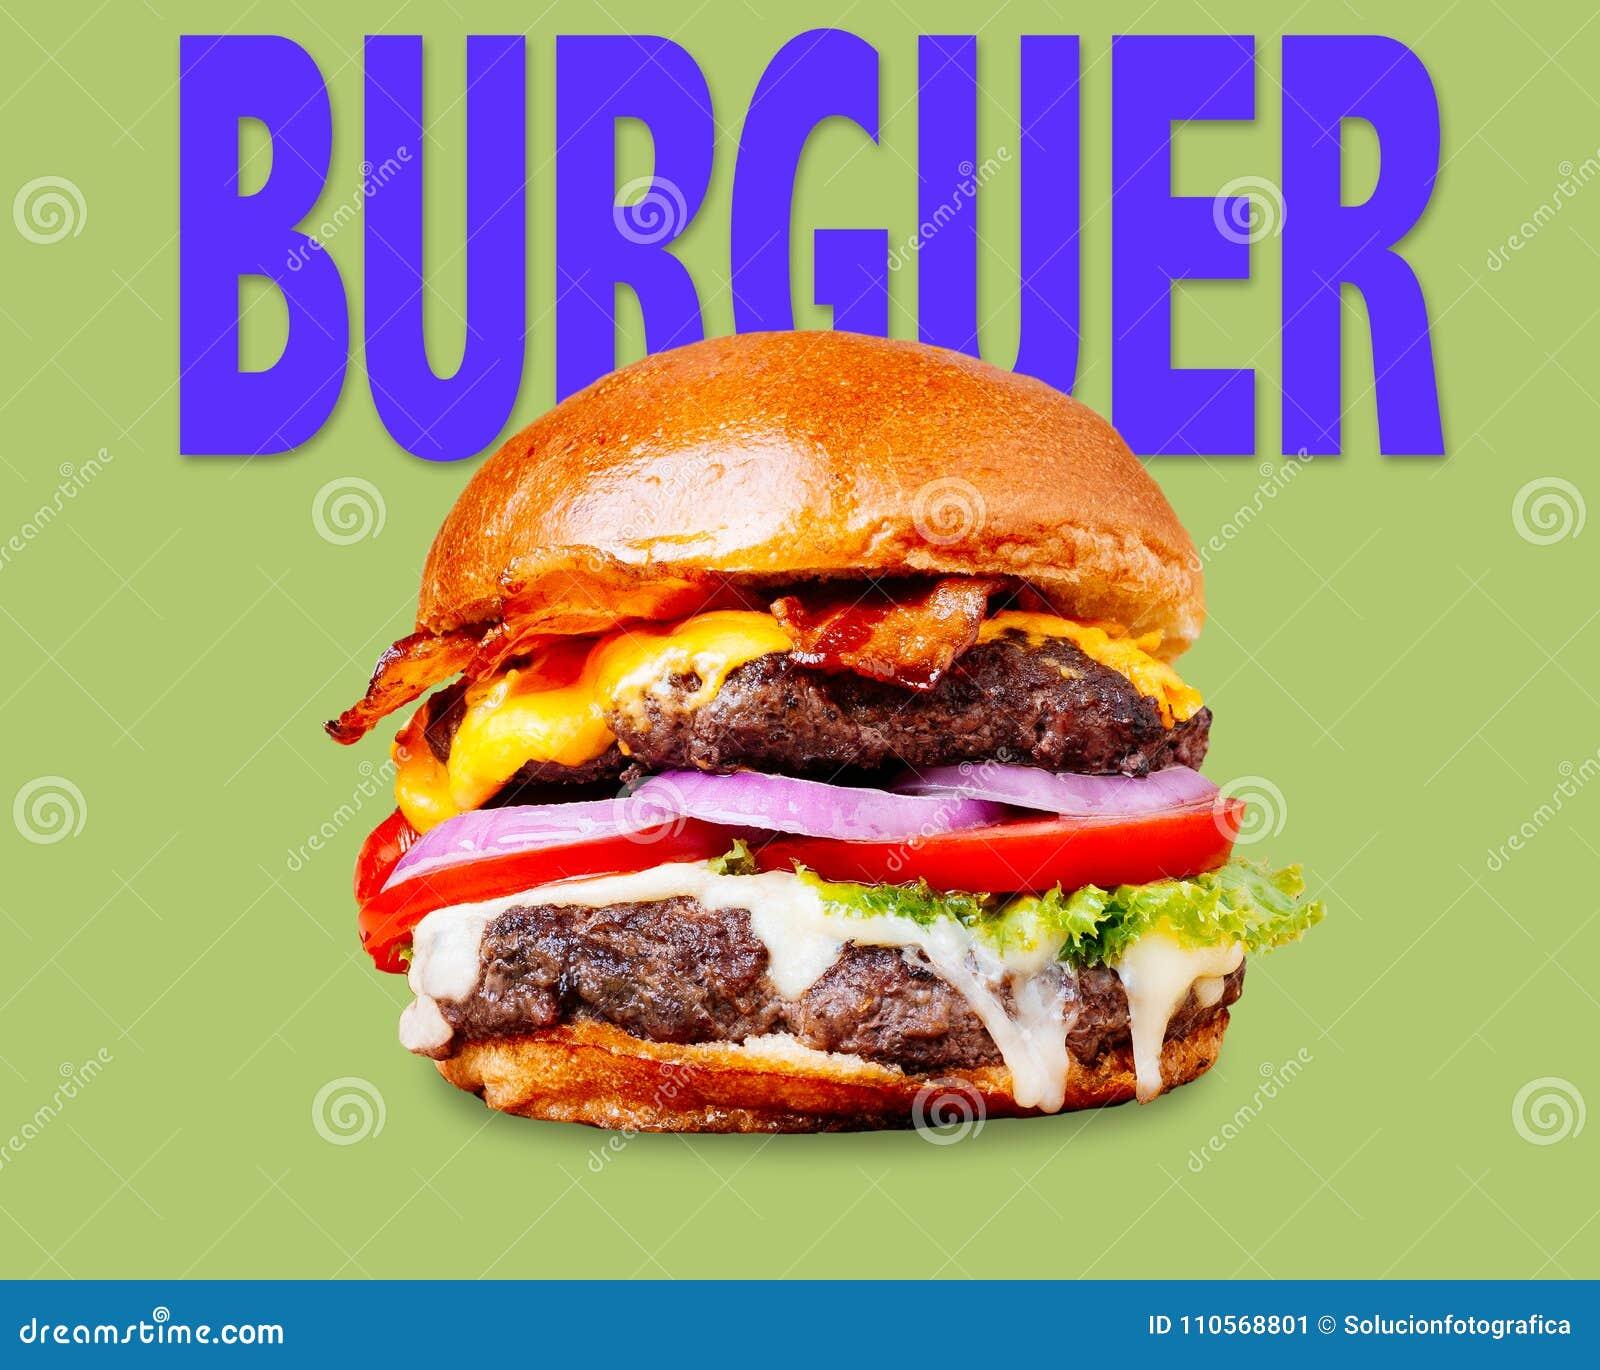 Hamburger Sign Stock Image Image Of Hamburger Beef 110568801